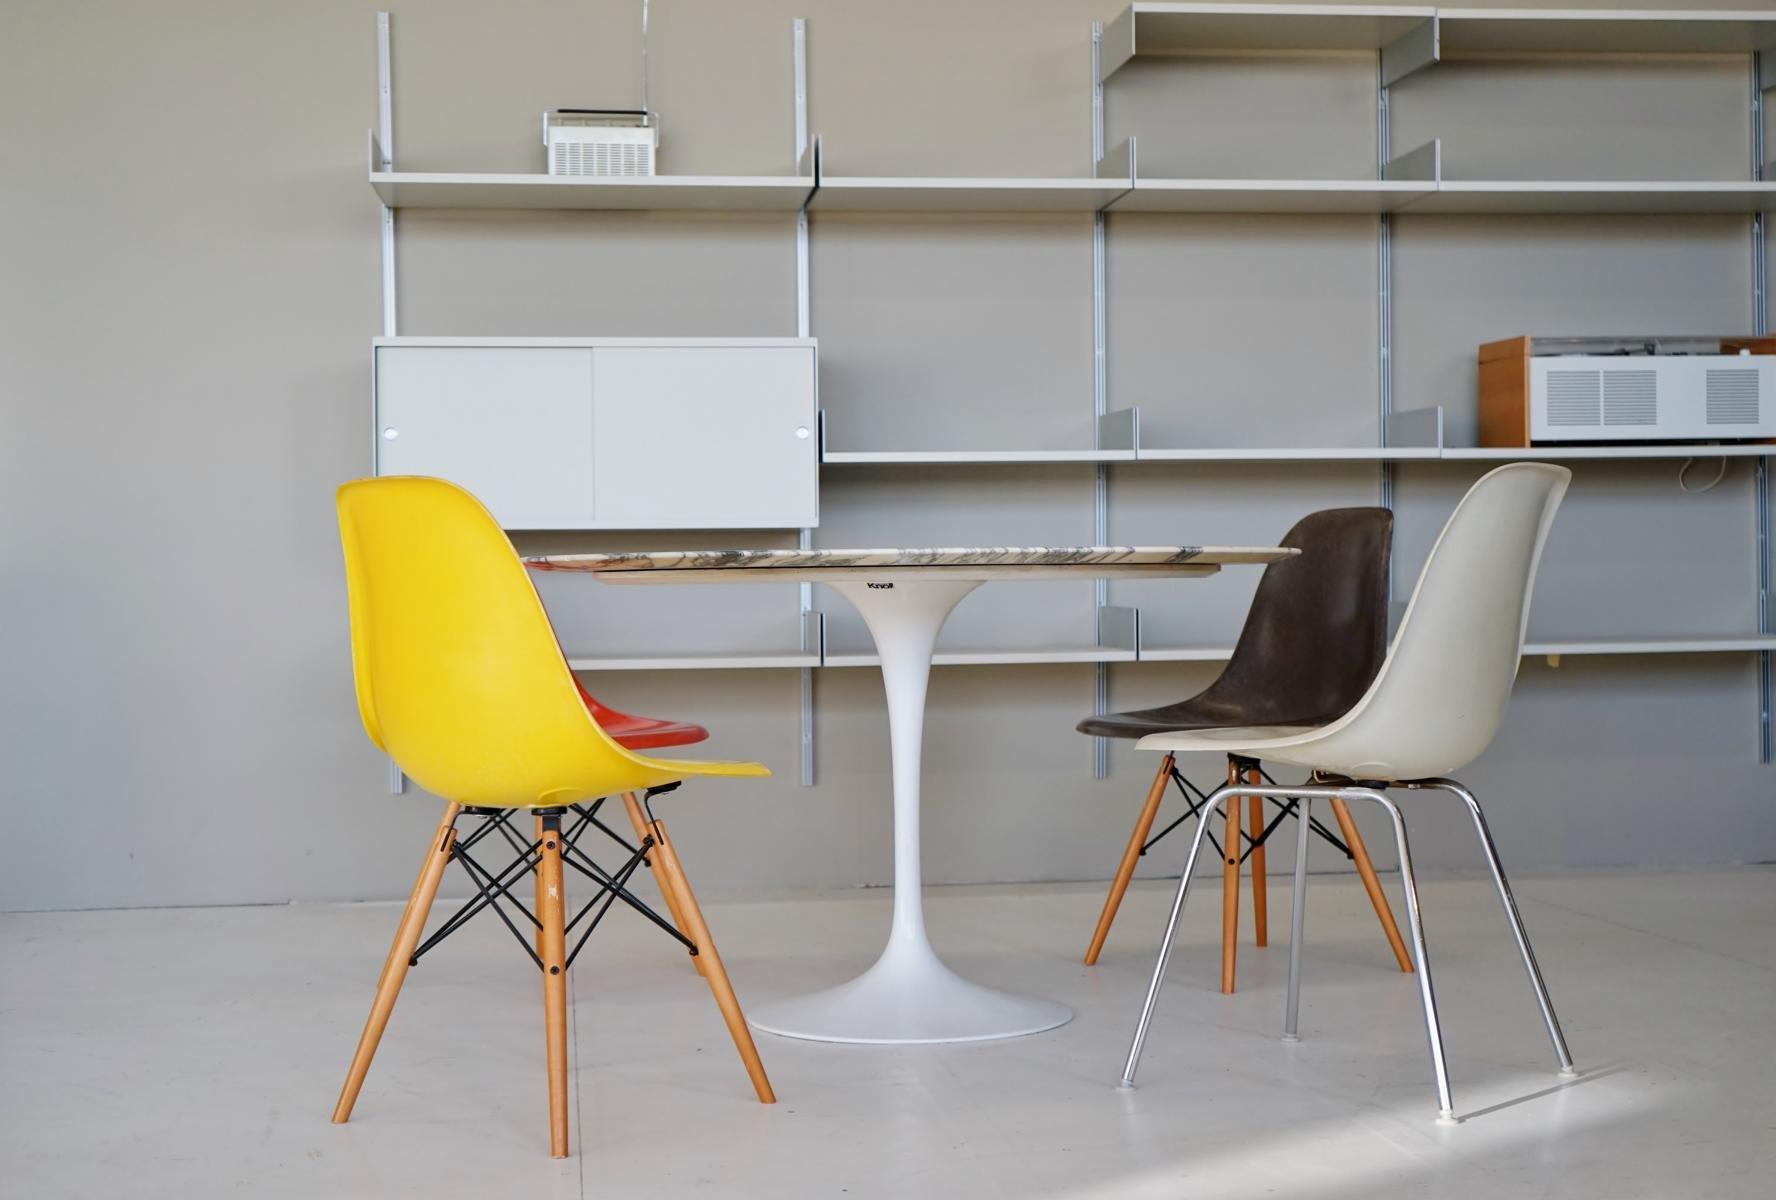 Marmor Esstisch ~ Marmor Tulip Esstisch von Eero Saarinen für Knoll International bei Pamono ka